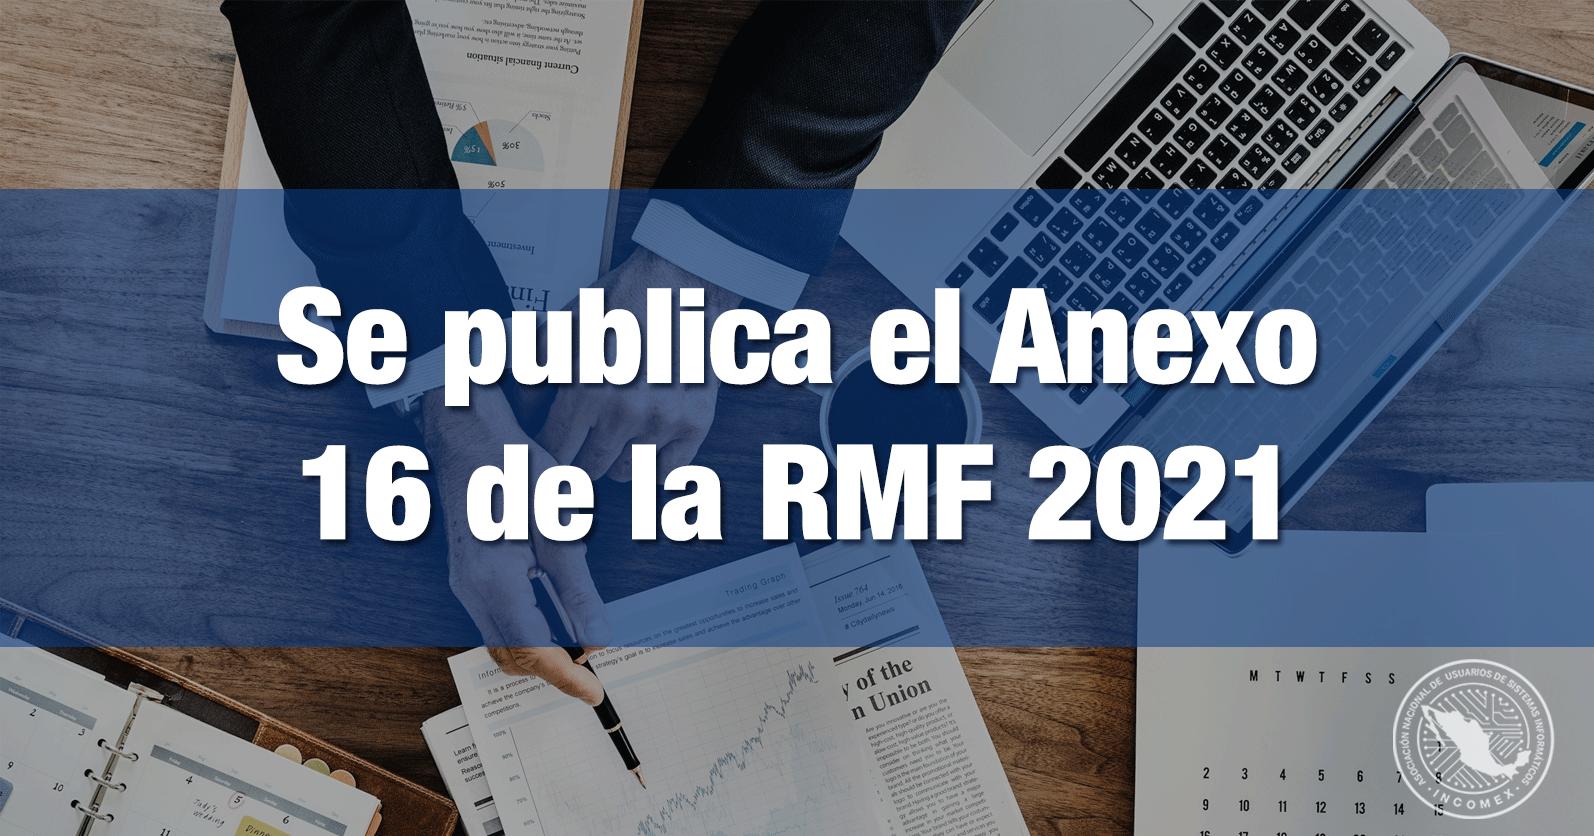 Se publica el Anexo 16 de la RMF 2021